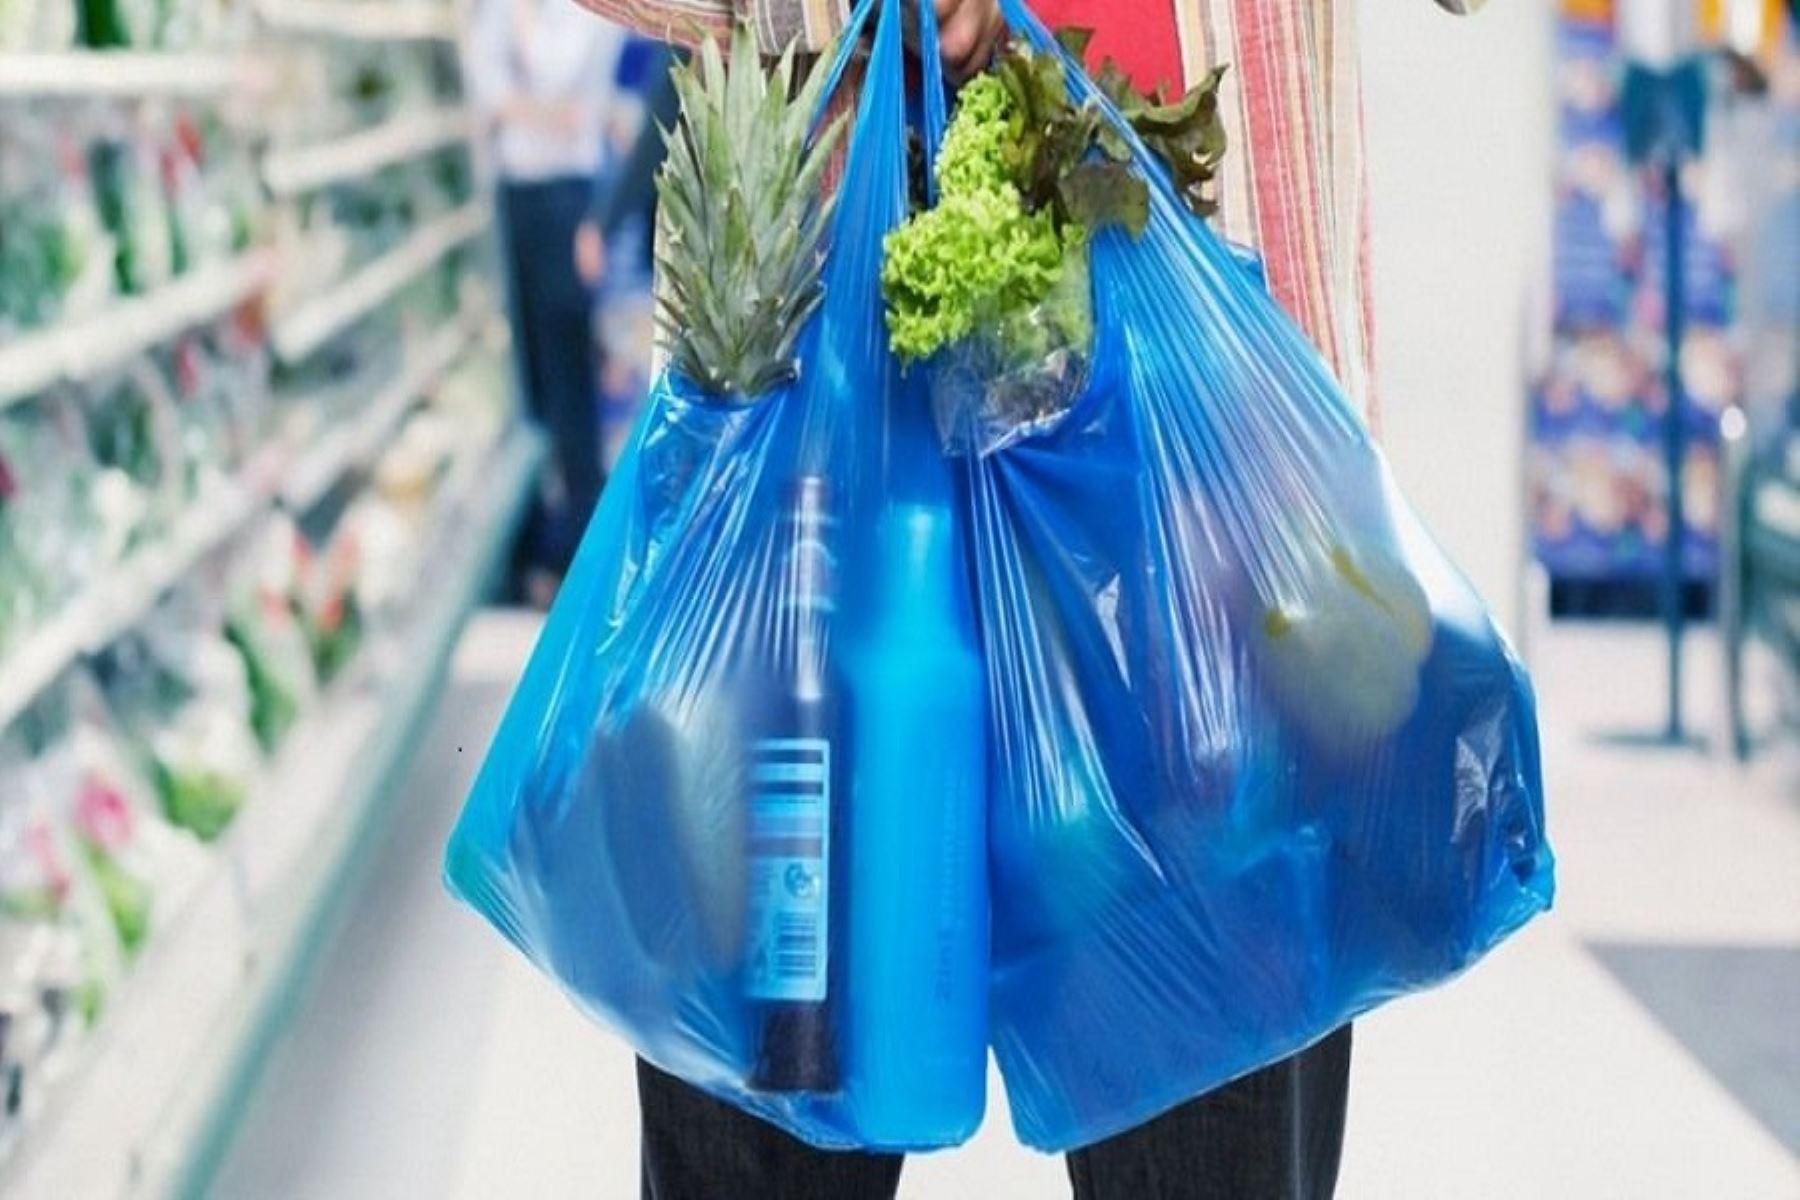 Comisión del Congreso aprueba dictamen que prohíbe bolsas de plástico | Actualidad